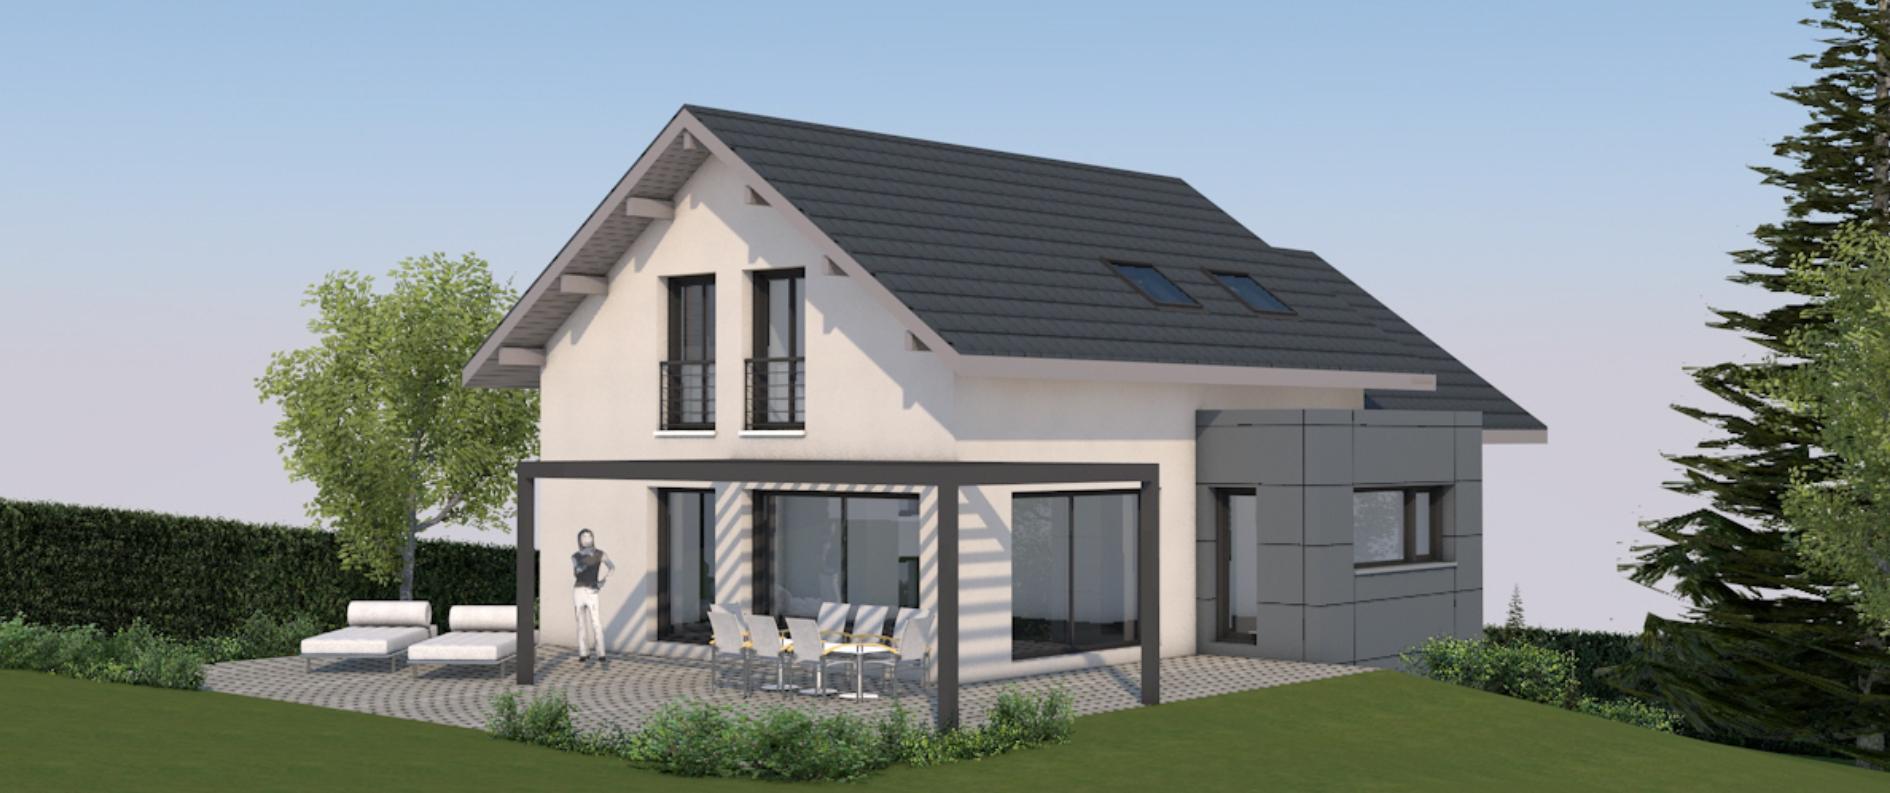 MAISONS OPTIMALES - Constructeur de maison en Savoie/Haute ...